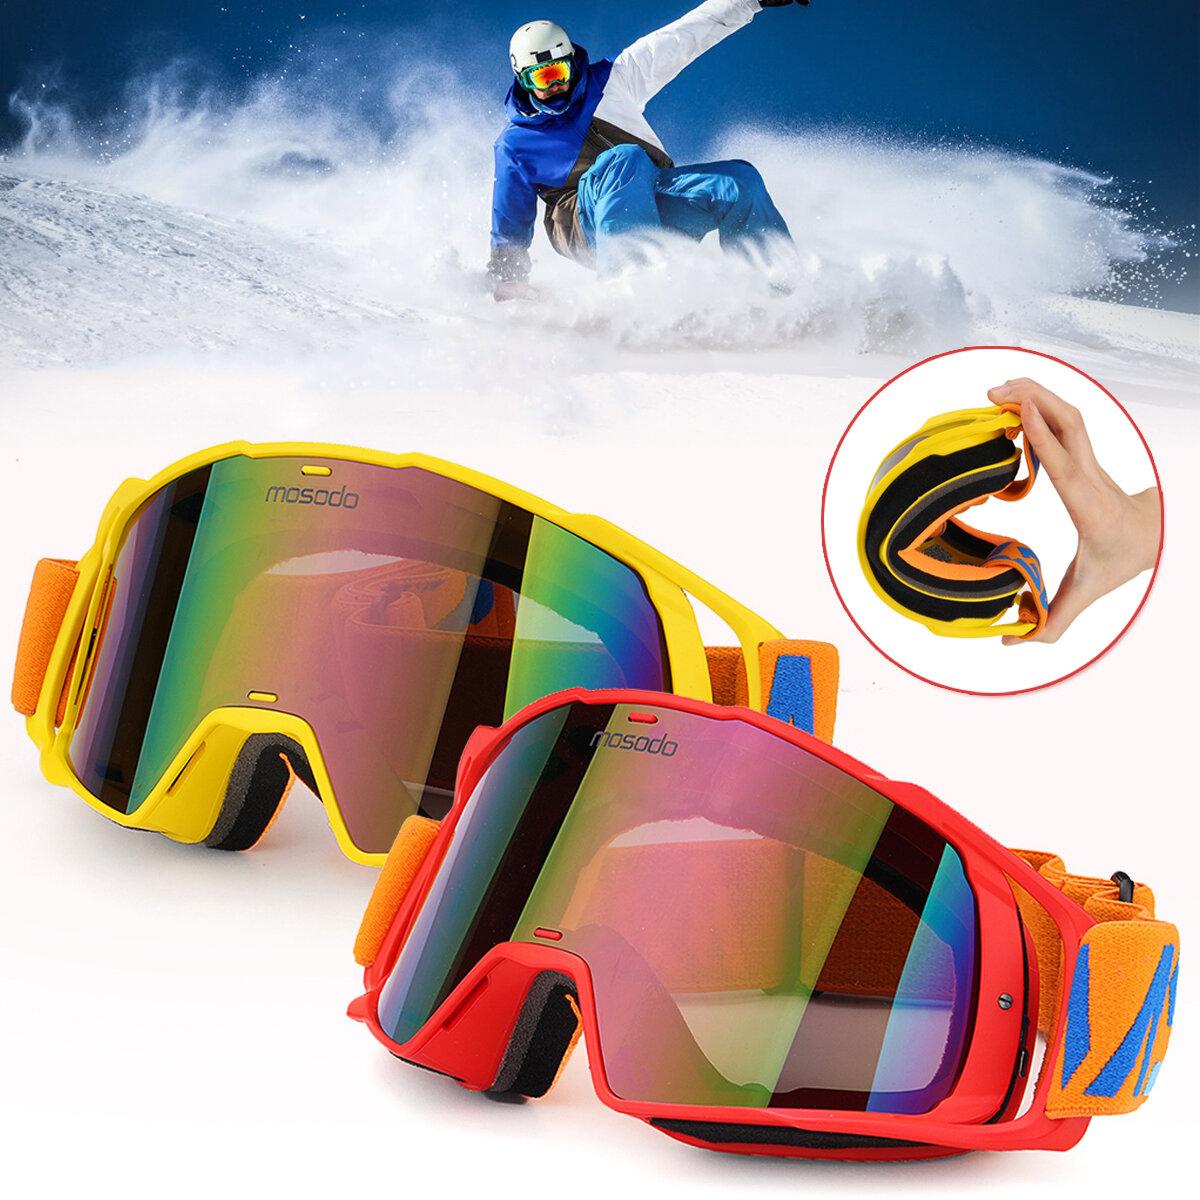 MSD78 al aire libre Esquí gafas de patinaje sobre ruedas Moto de nieve Gafas Protección contra el viento antivaho UV Protección para hombres Mujer Gafas de motociclismo para deportes de nieve